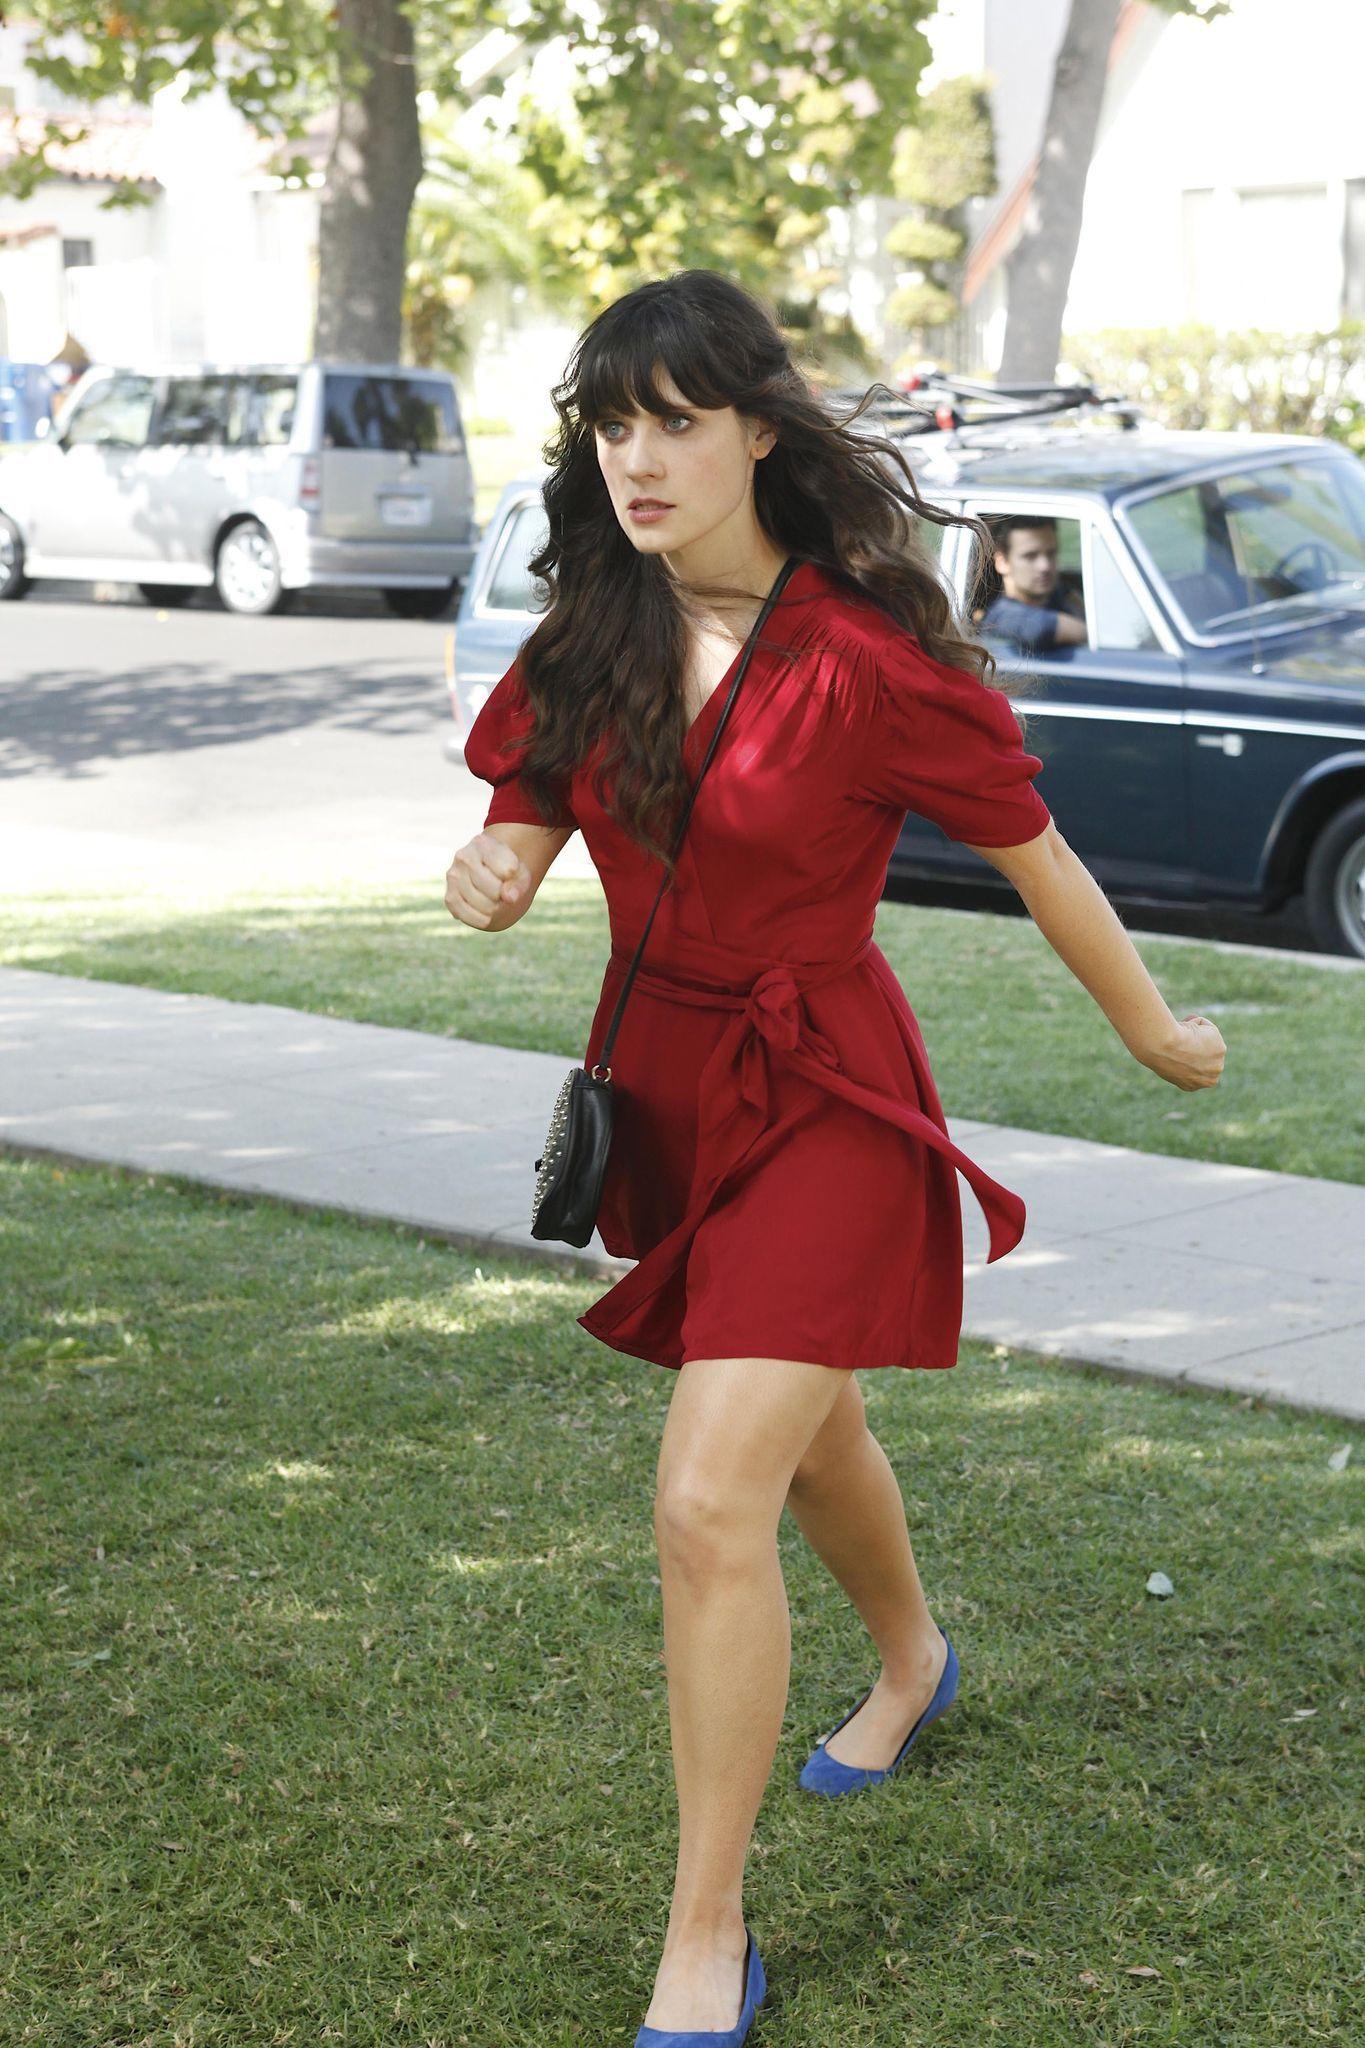 009a2d8d5c Jess (Zooey Deschanel) ~ New Girl Episode Stills ~ Season 1